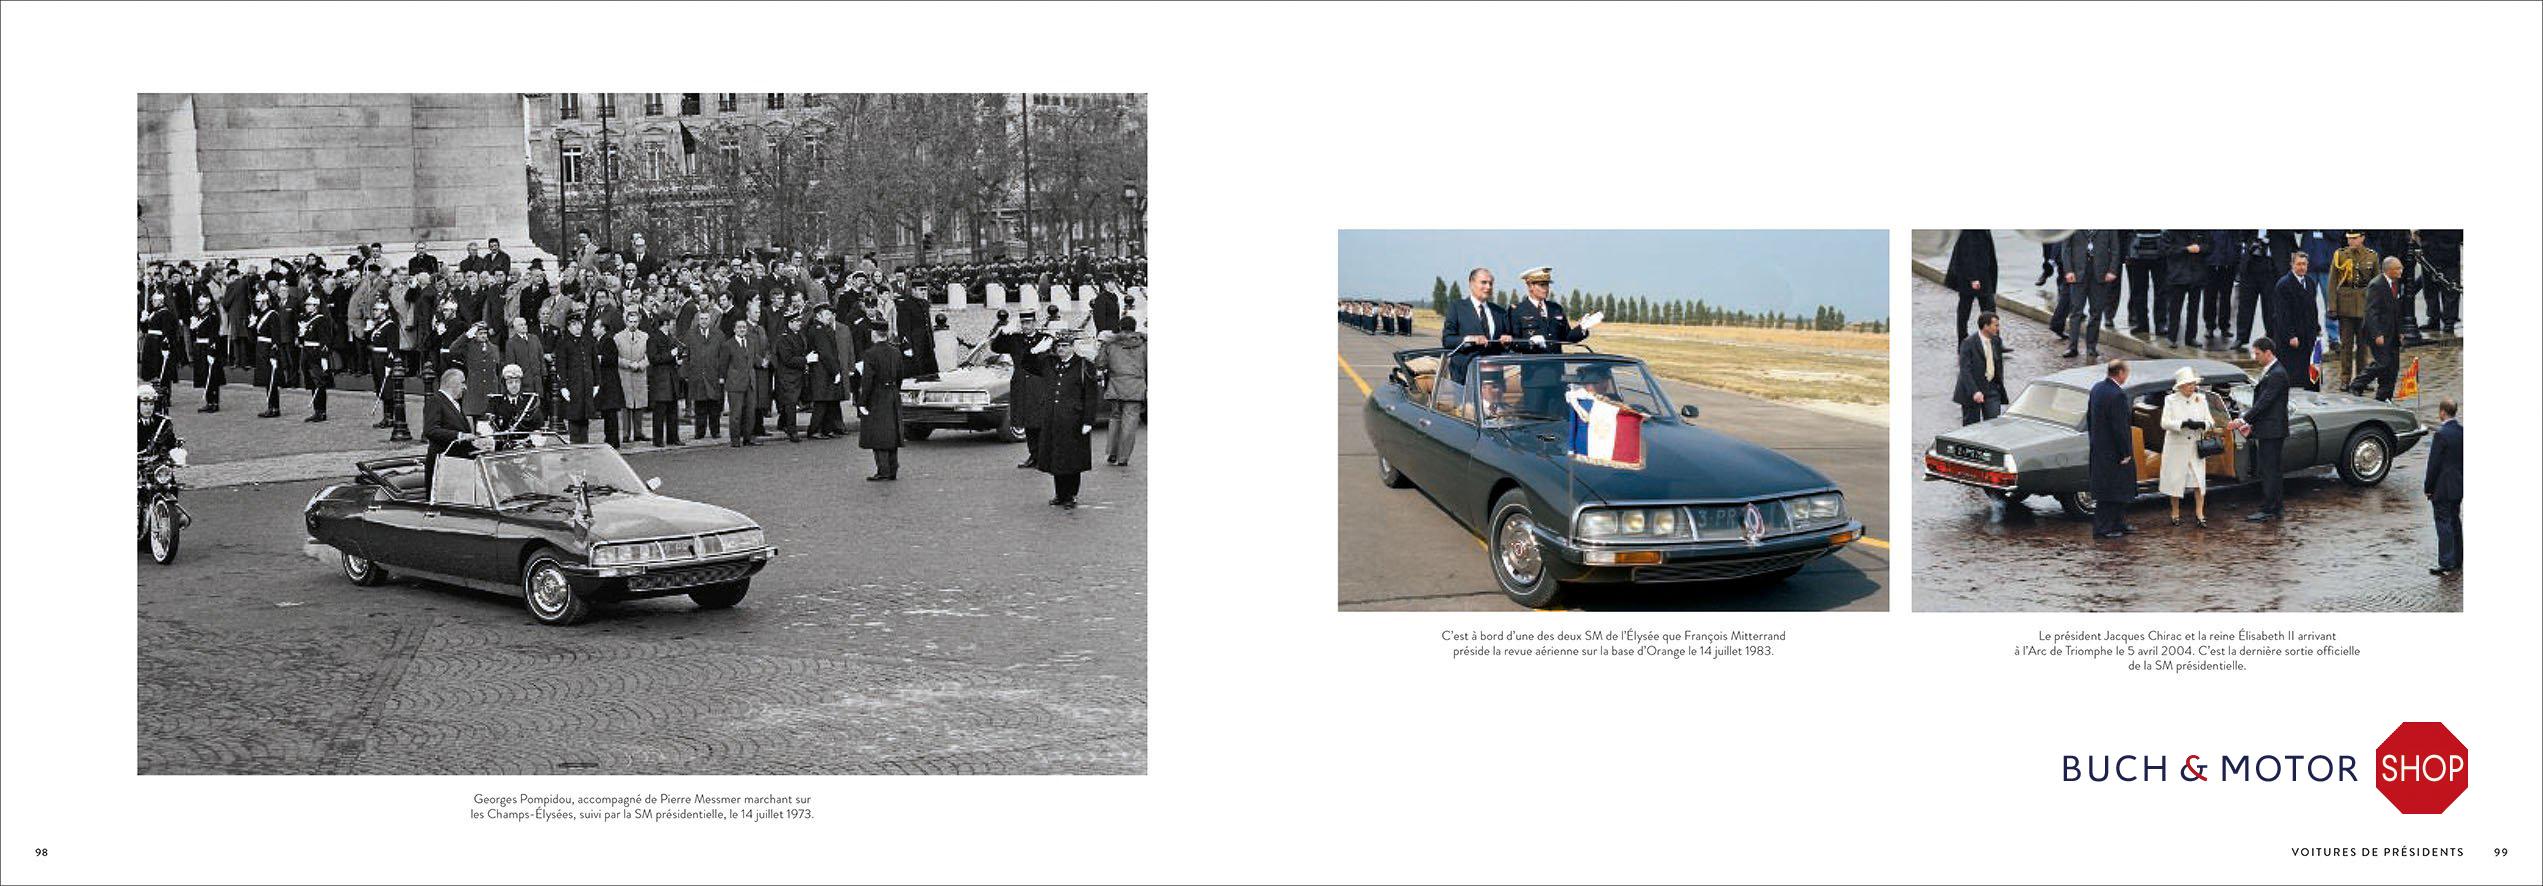 Citroën C6 les voitures de president